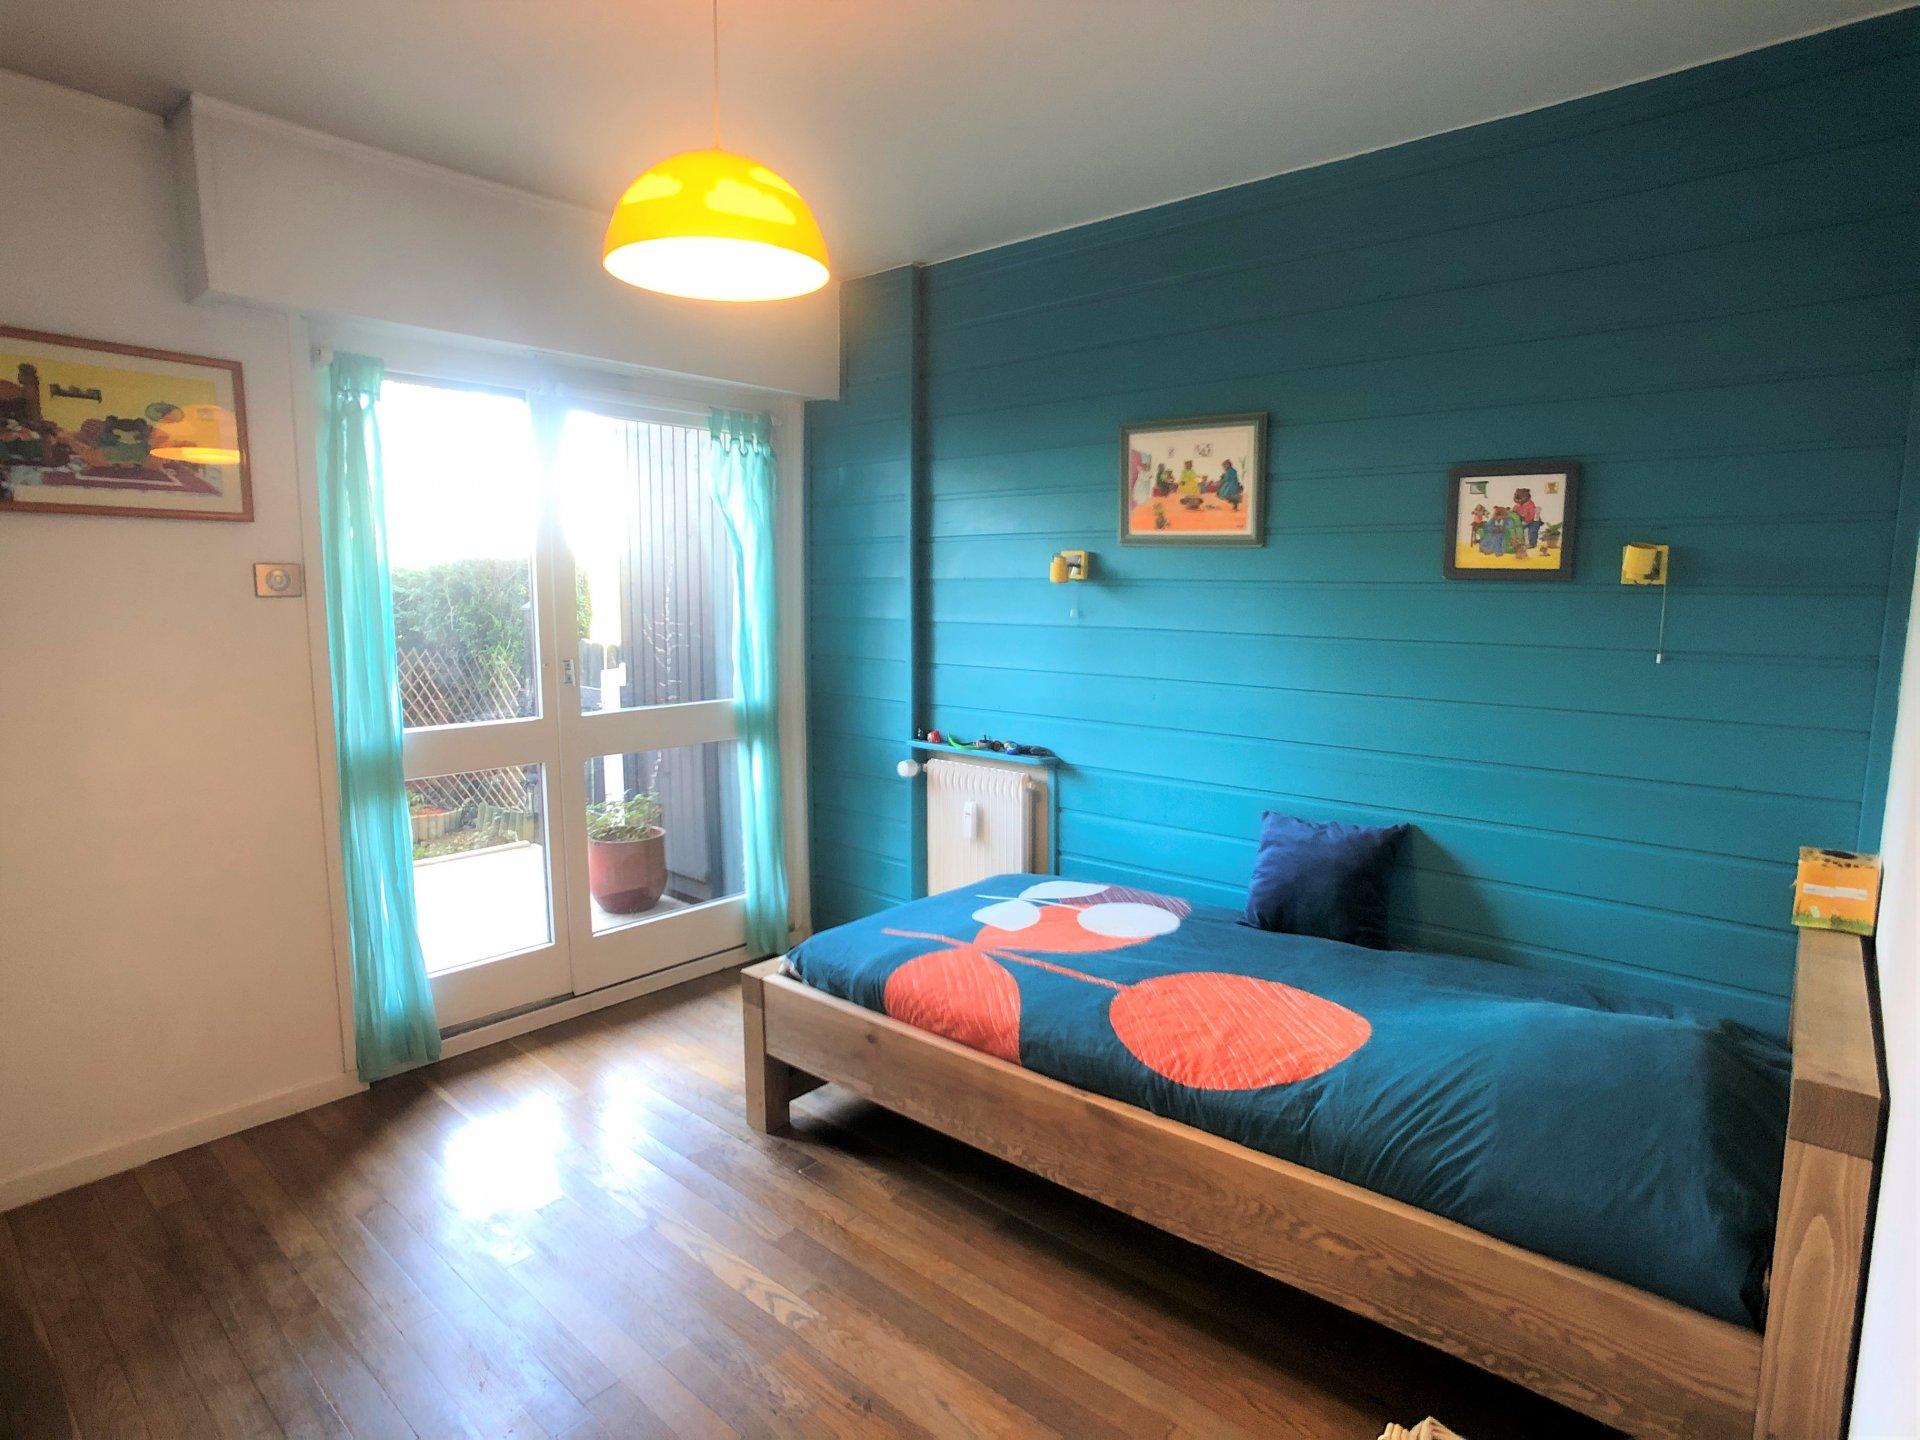 4P - 79 m² - REZ-DE-JARDIN - CRAN GEVRIER